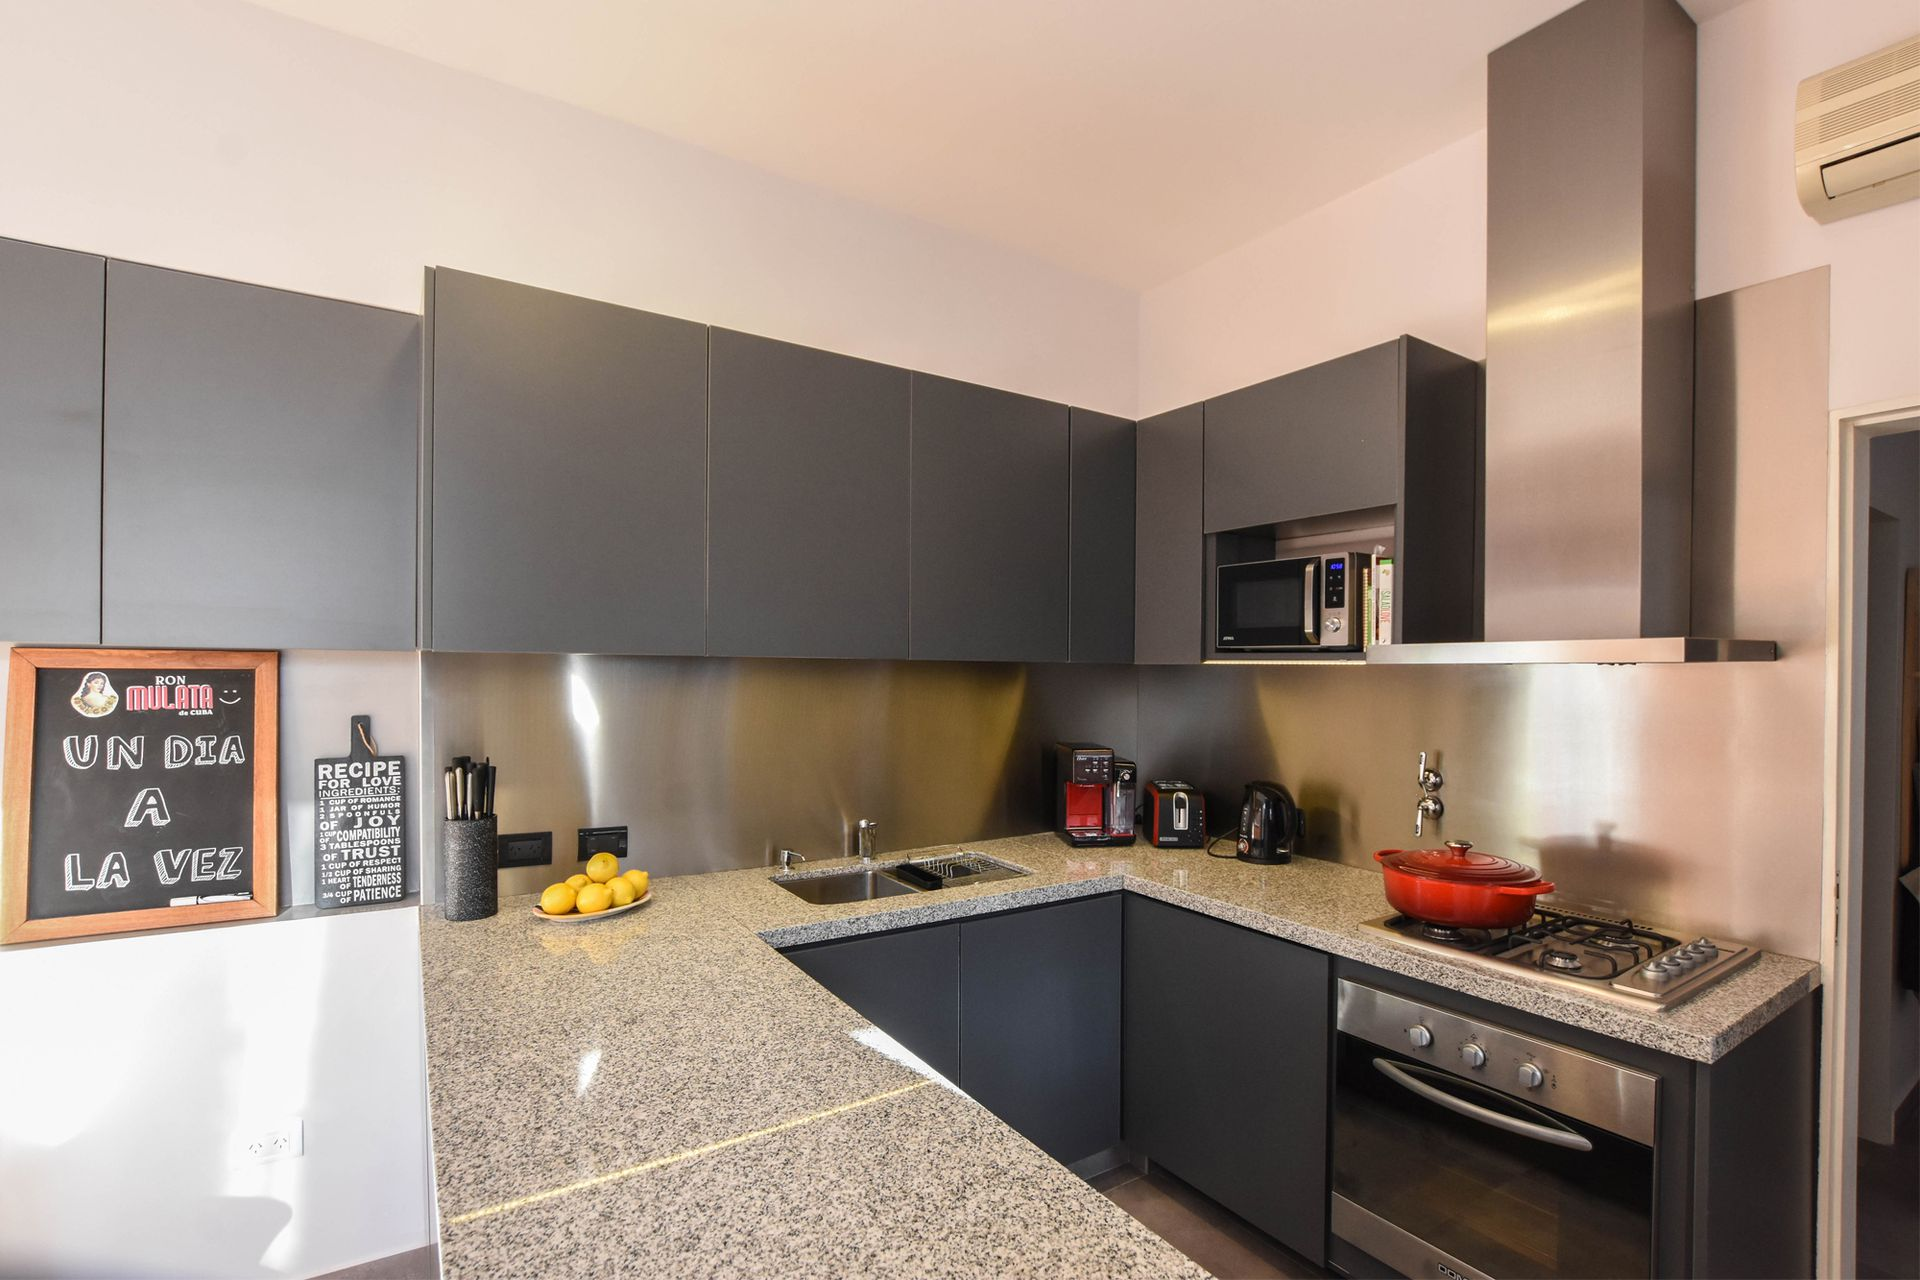 Alacena y muebles bajomesada de melamina gris grafito (Faplac), alzada de acero inoxidable, mesada 'Gris mara' (todo diseño de Estudio MPB).